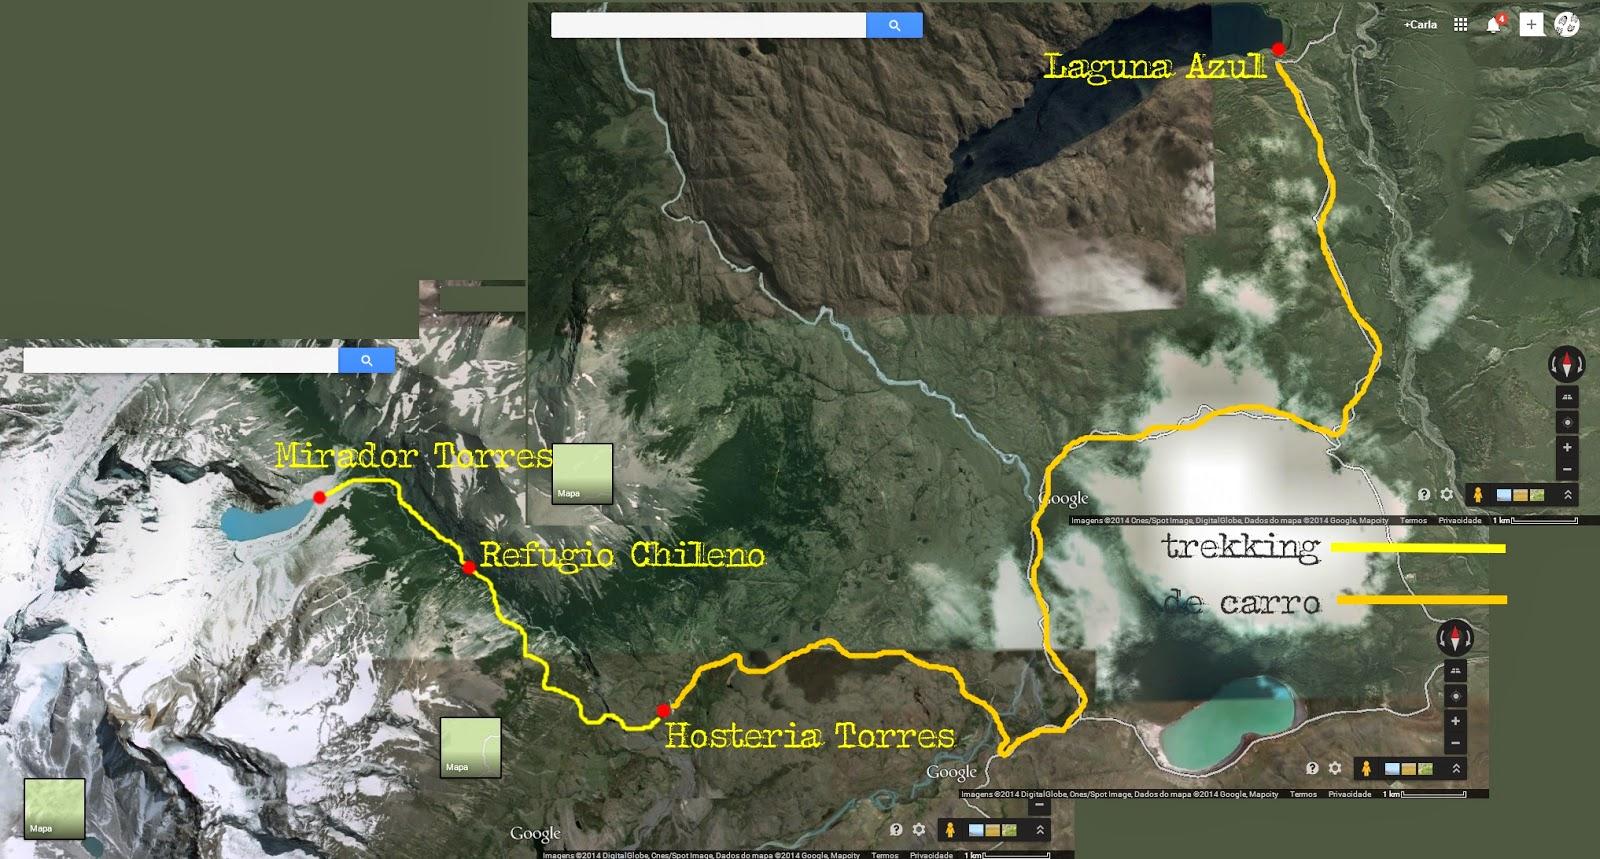 Mapa da aventura de hoje no Parque Torres del Paine